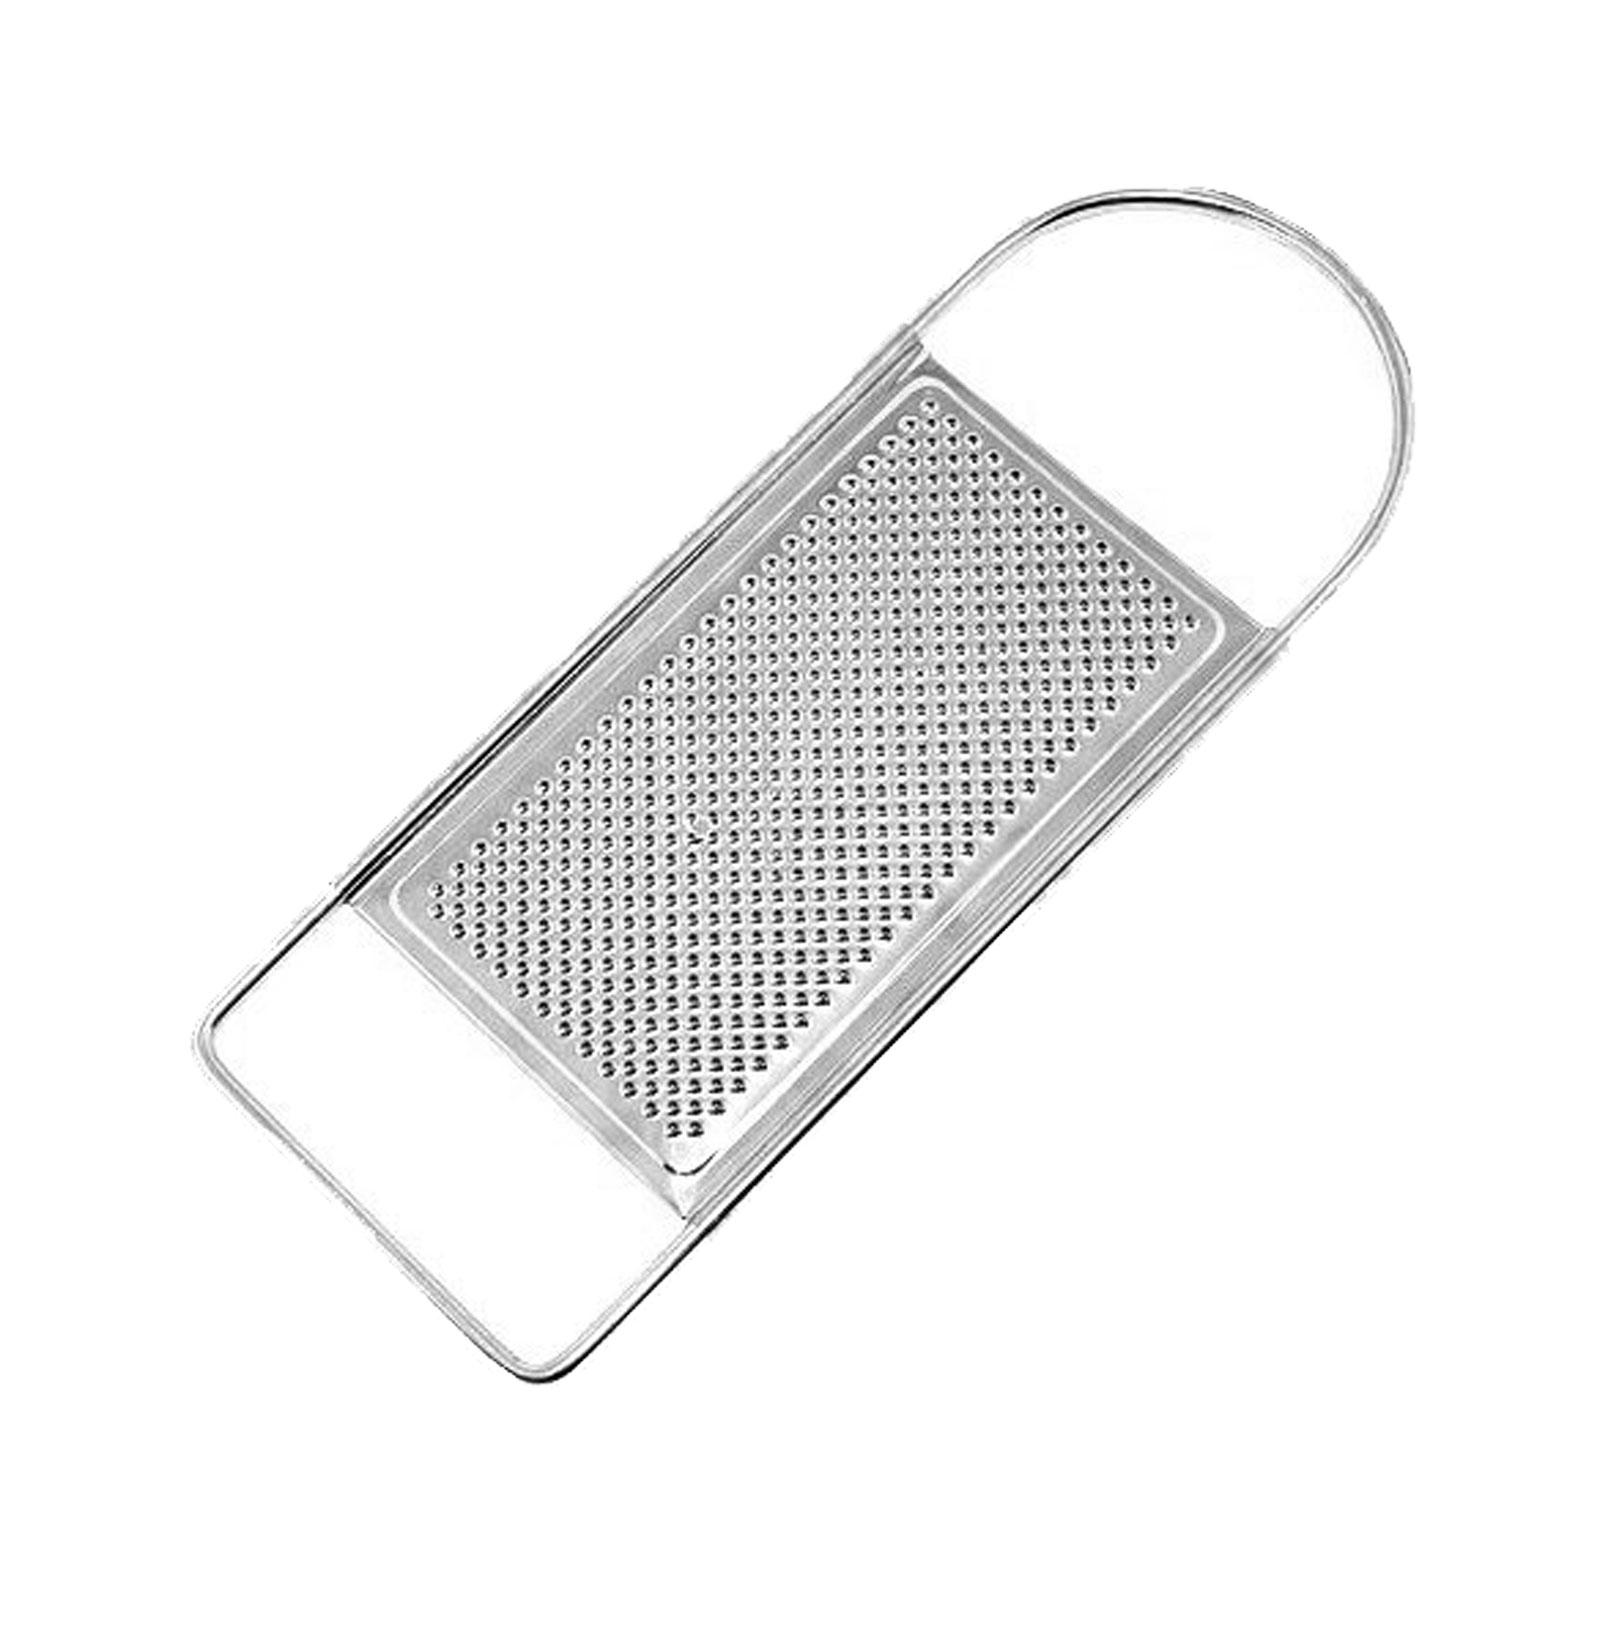 Accessori e articoli vari grattugia fine mercury - Elenco accessori cucina ...